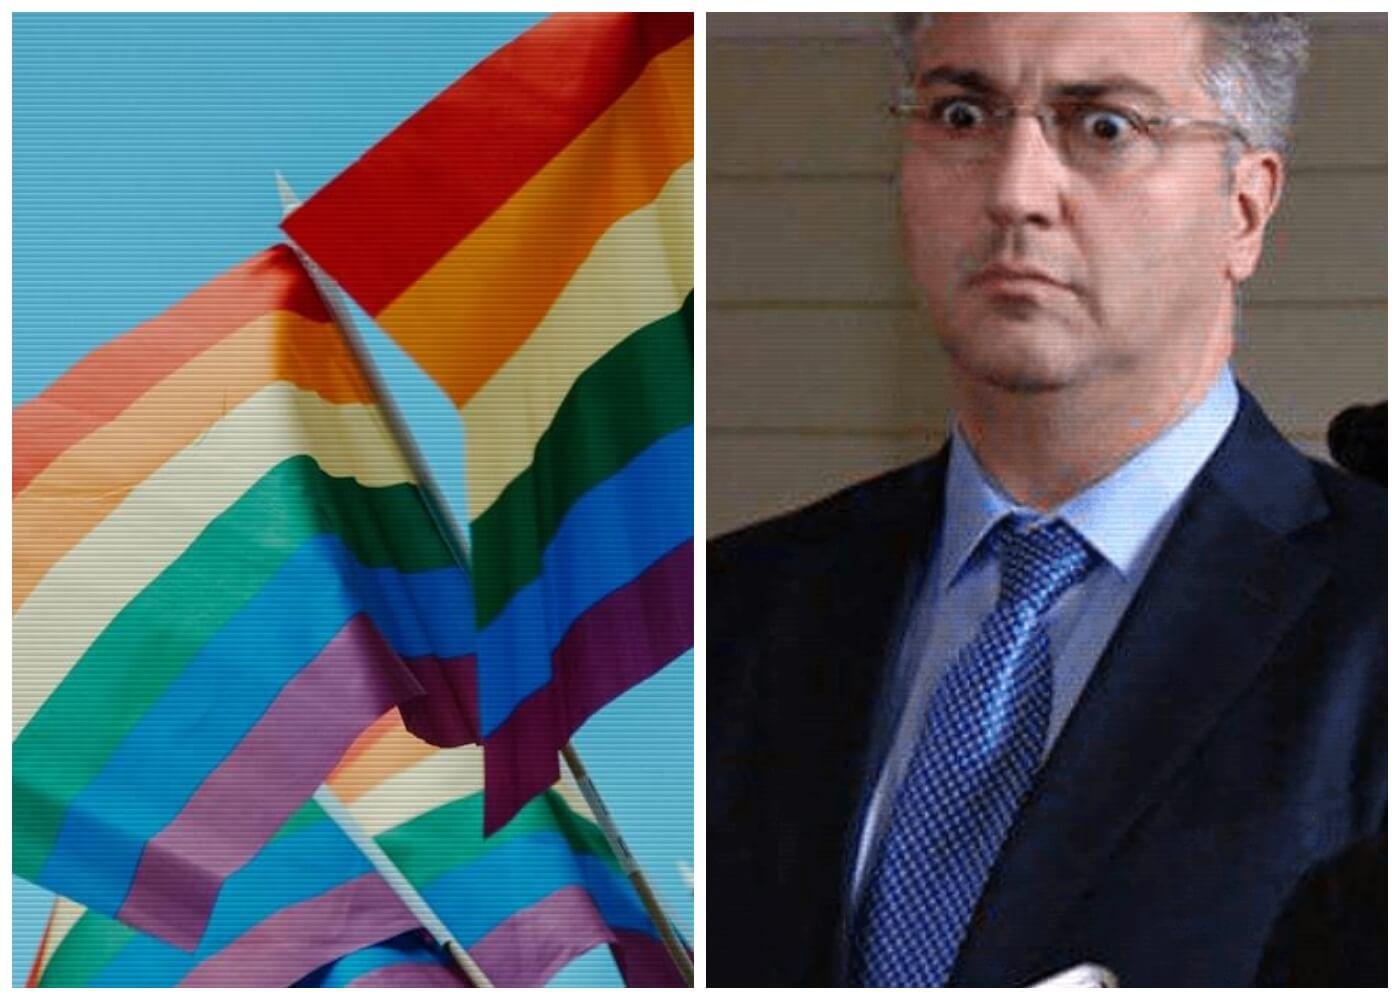 Trećina maturanata misli da su homoseksualci bolesni ili poremećeni, a niti pola ih ne zna tko je premijer